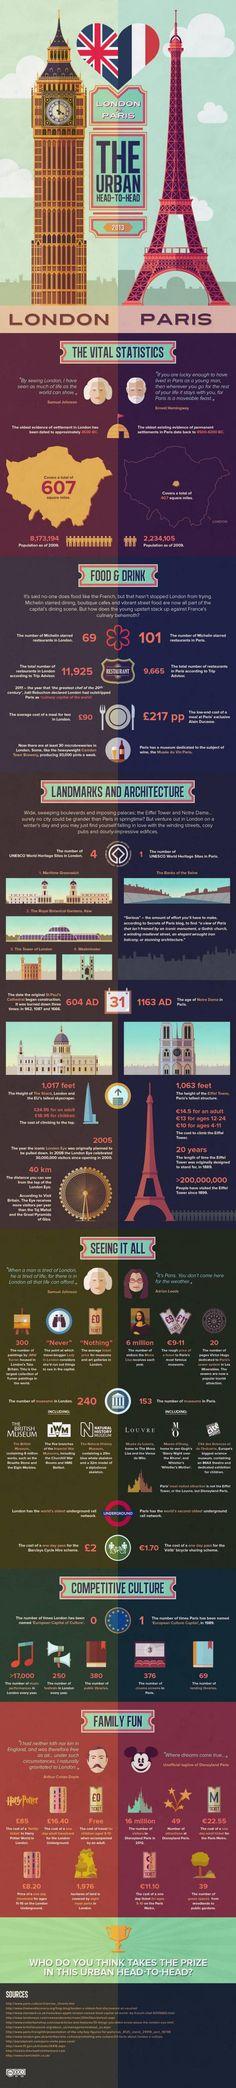 Meglio Parigi o Londra?